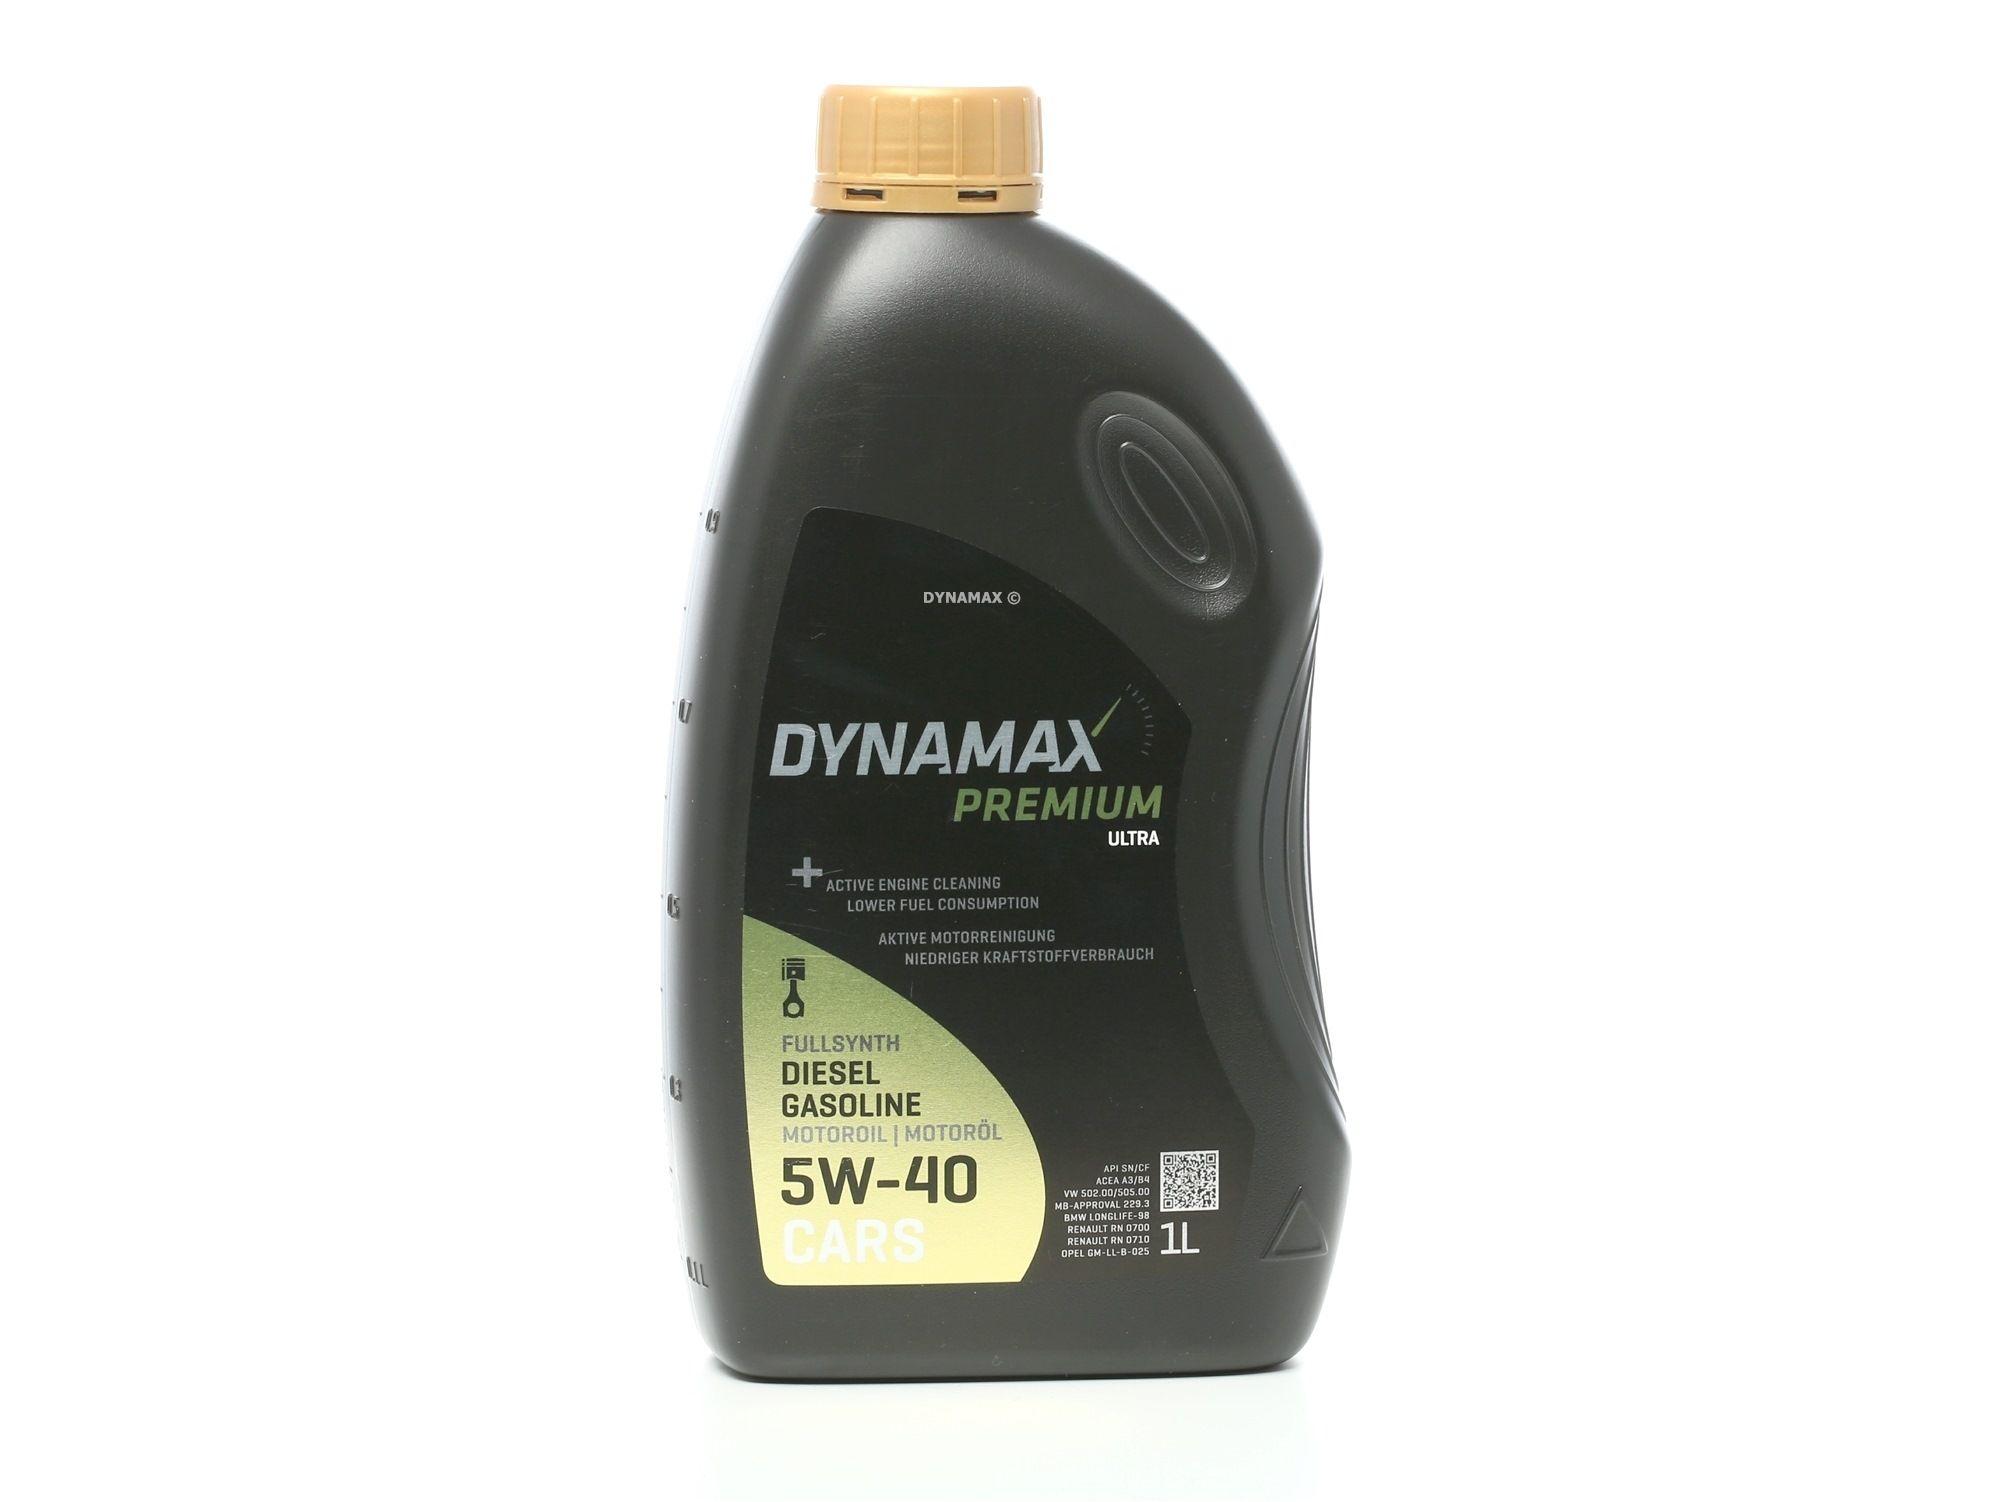 ol DYNAMAX 500215 Bewertung